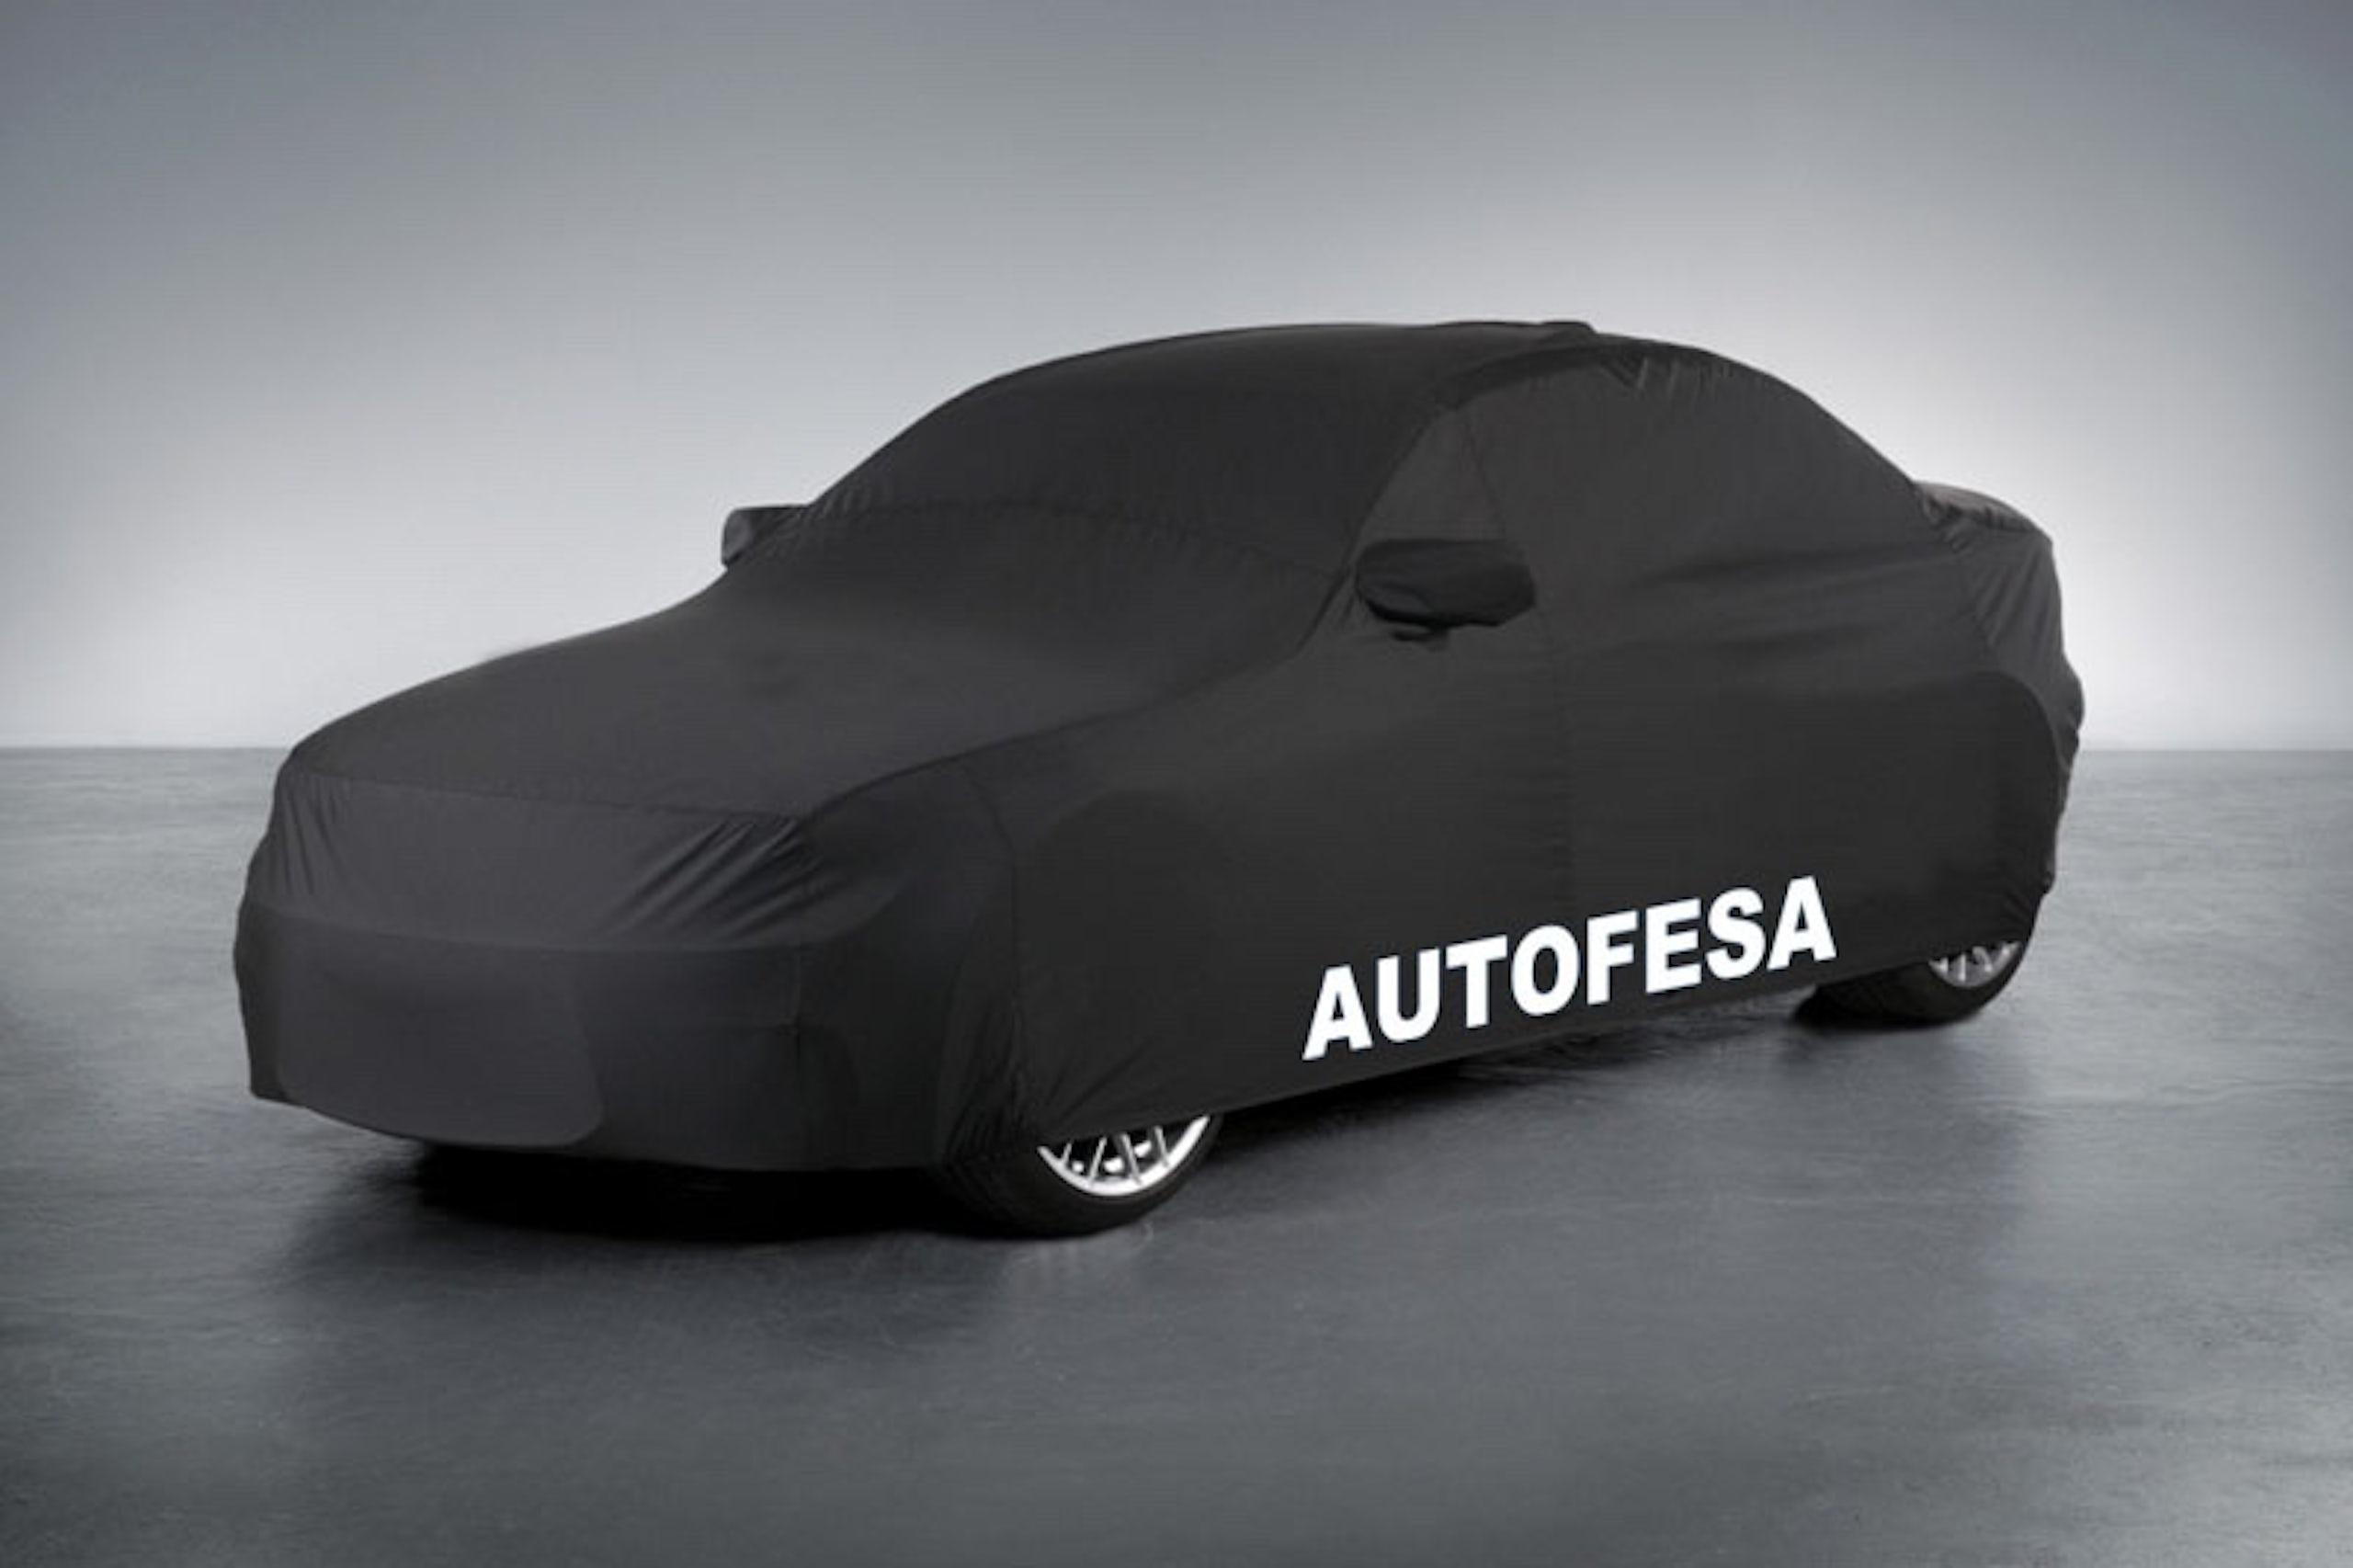 Audi A4 Avant 2.0 TDI 190cv quattro 5p S tronic Auto S/S - Foto 14